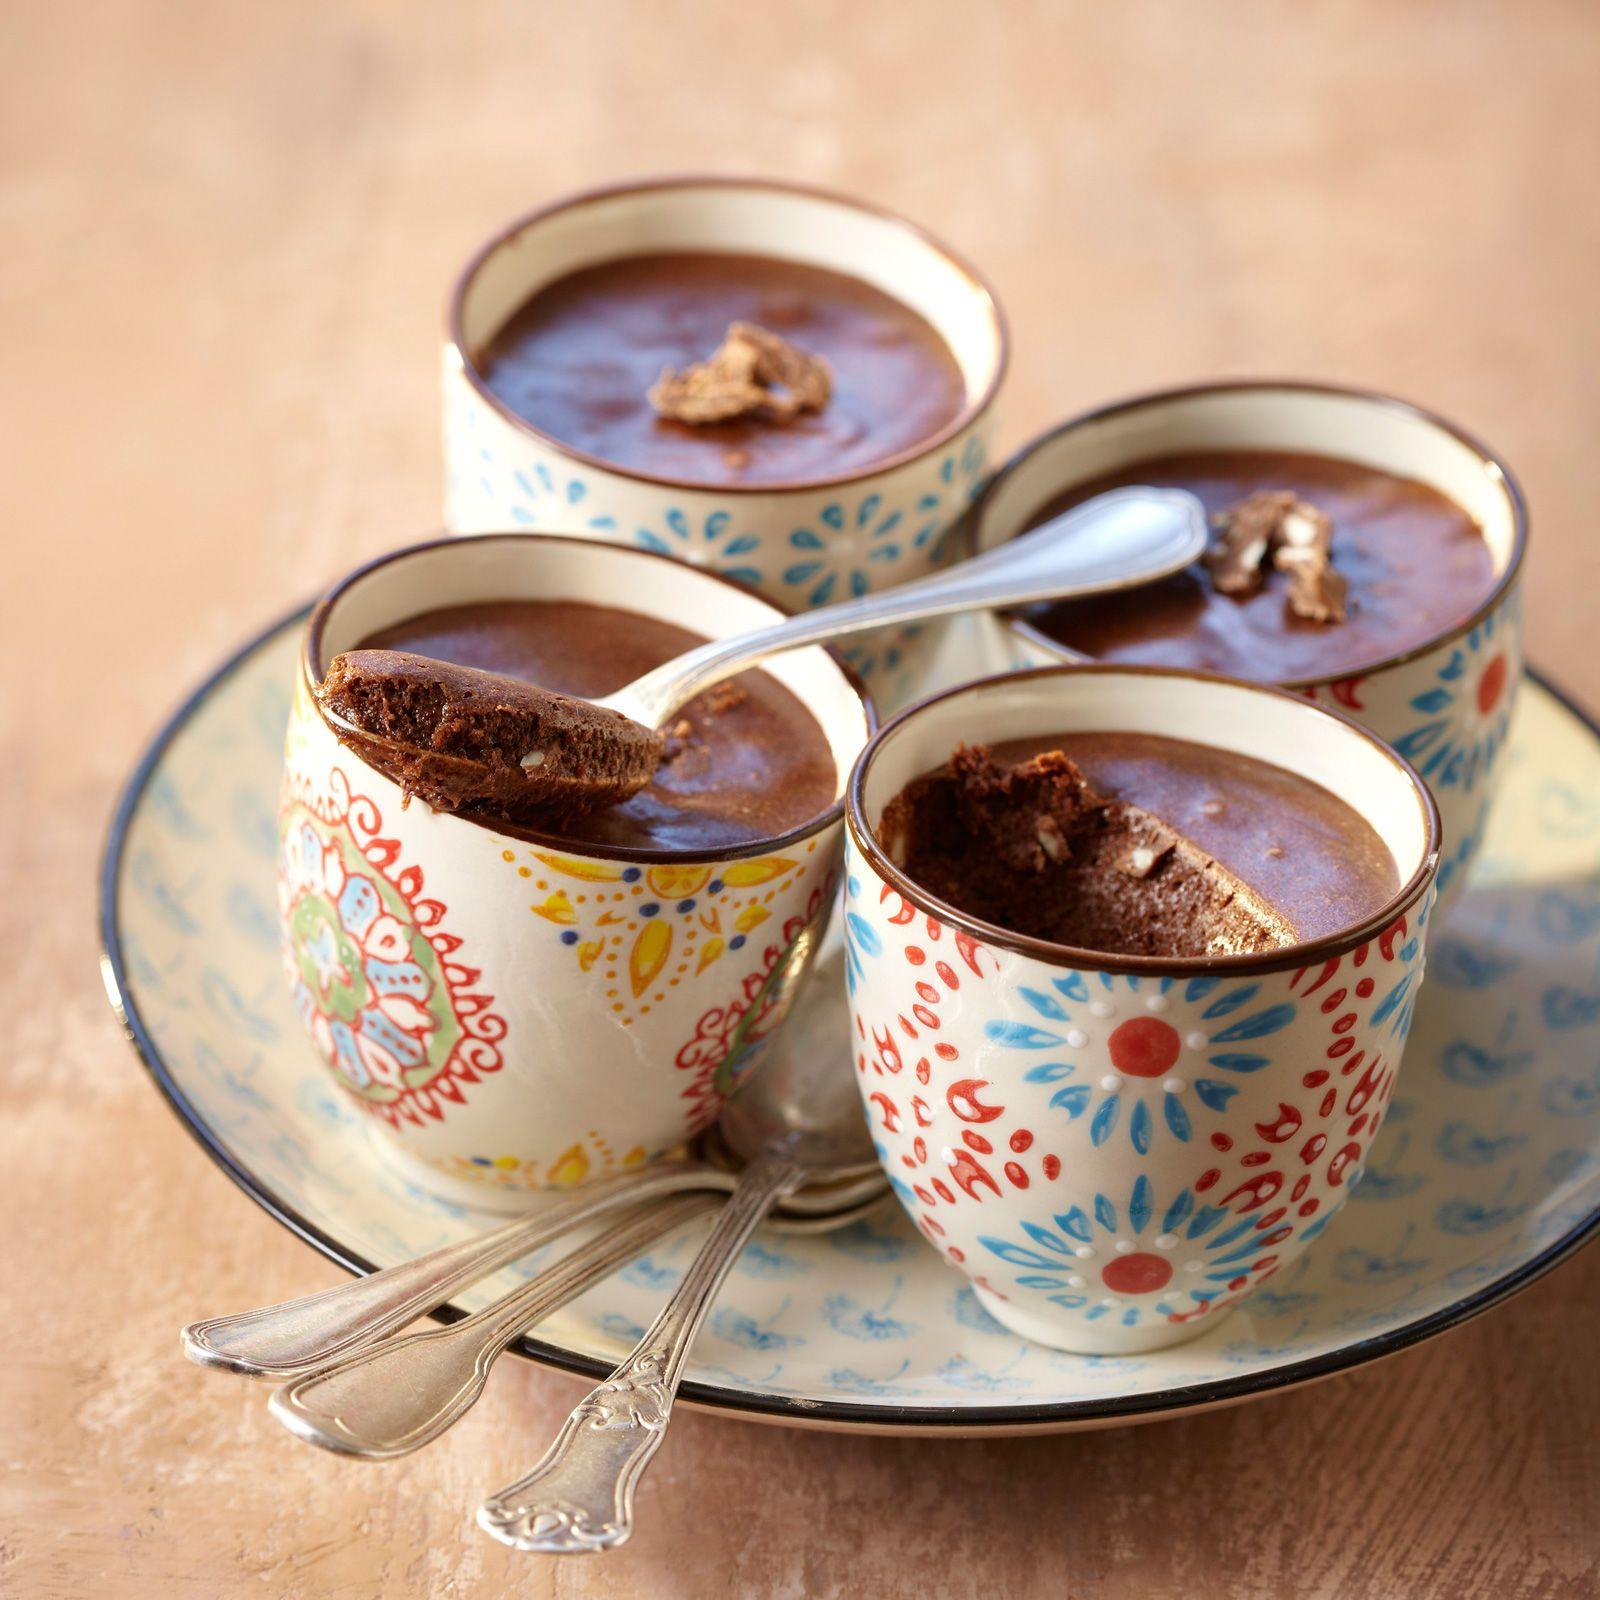 Découvrez la recette Mousse au chocolat de régime sur cuisineactuelle.fr.